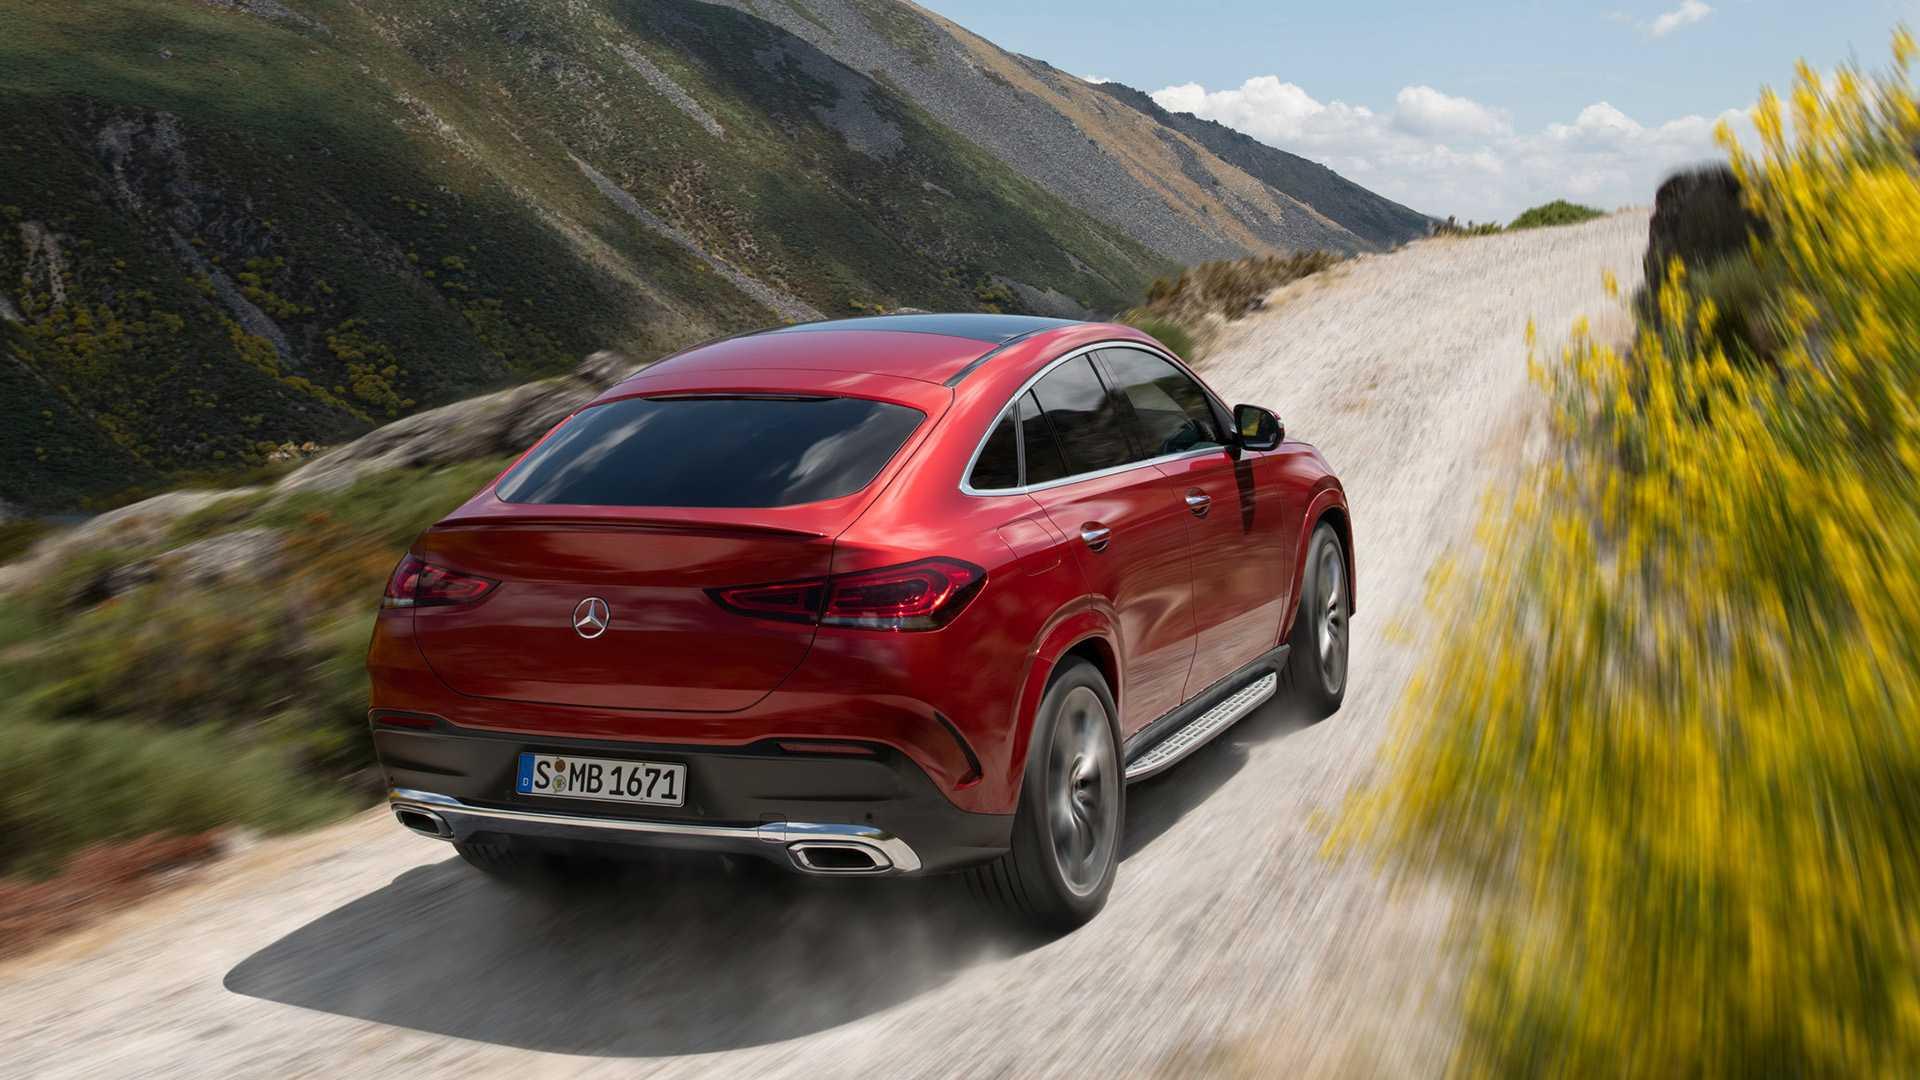 全新奔驰GLE Coupe插混版车型最新消息曝光 有望明年引入国内